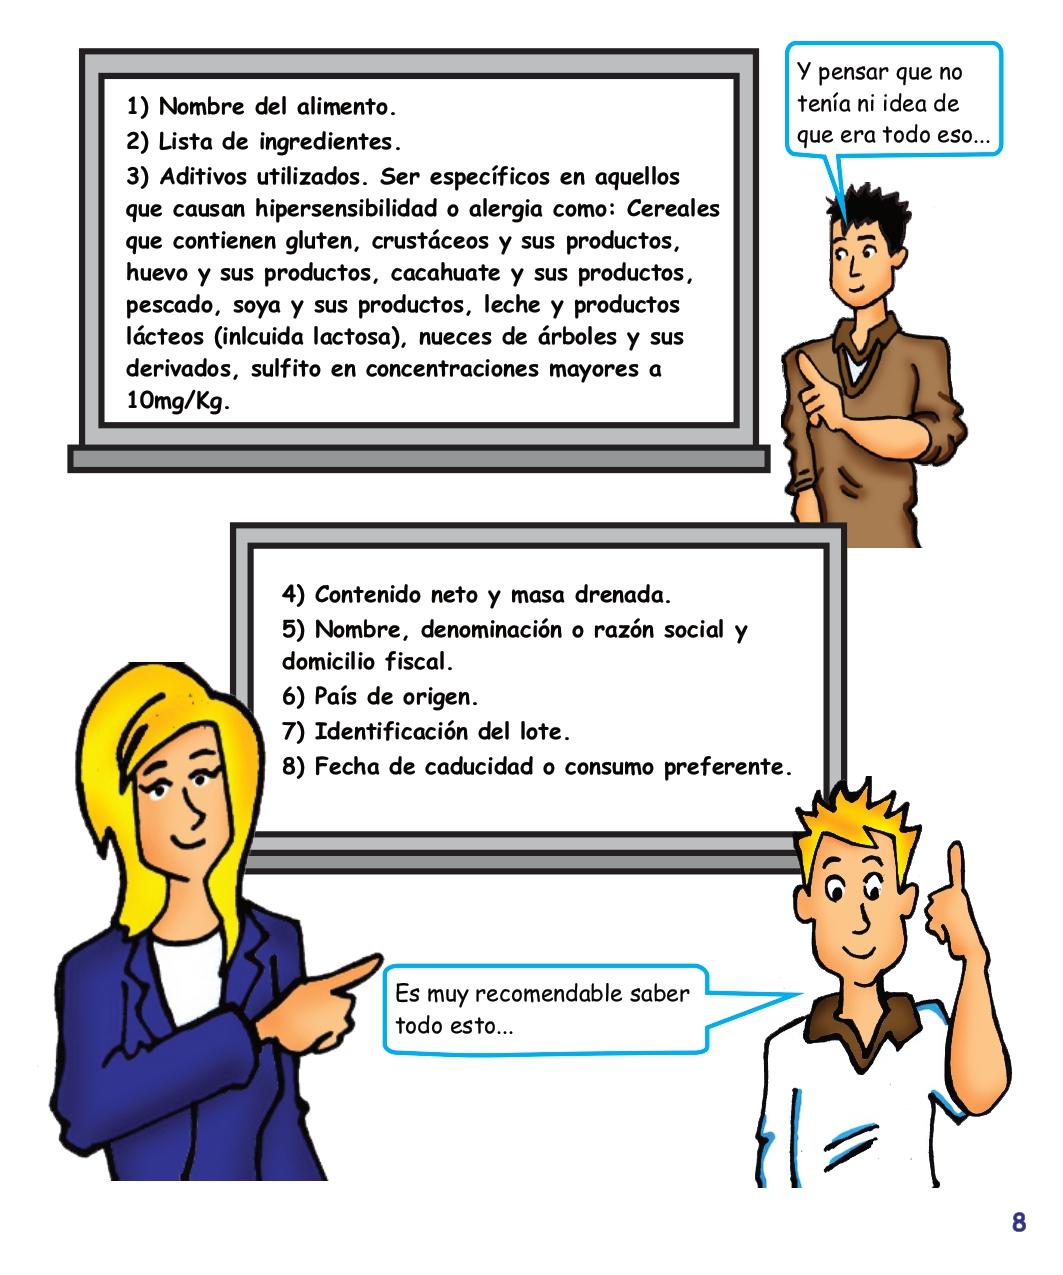 Norma de alimentos digital_page-0010